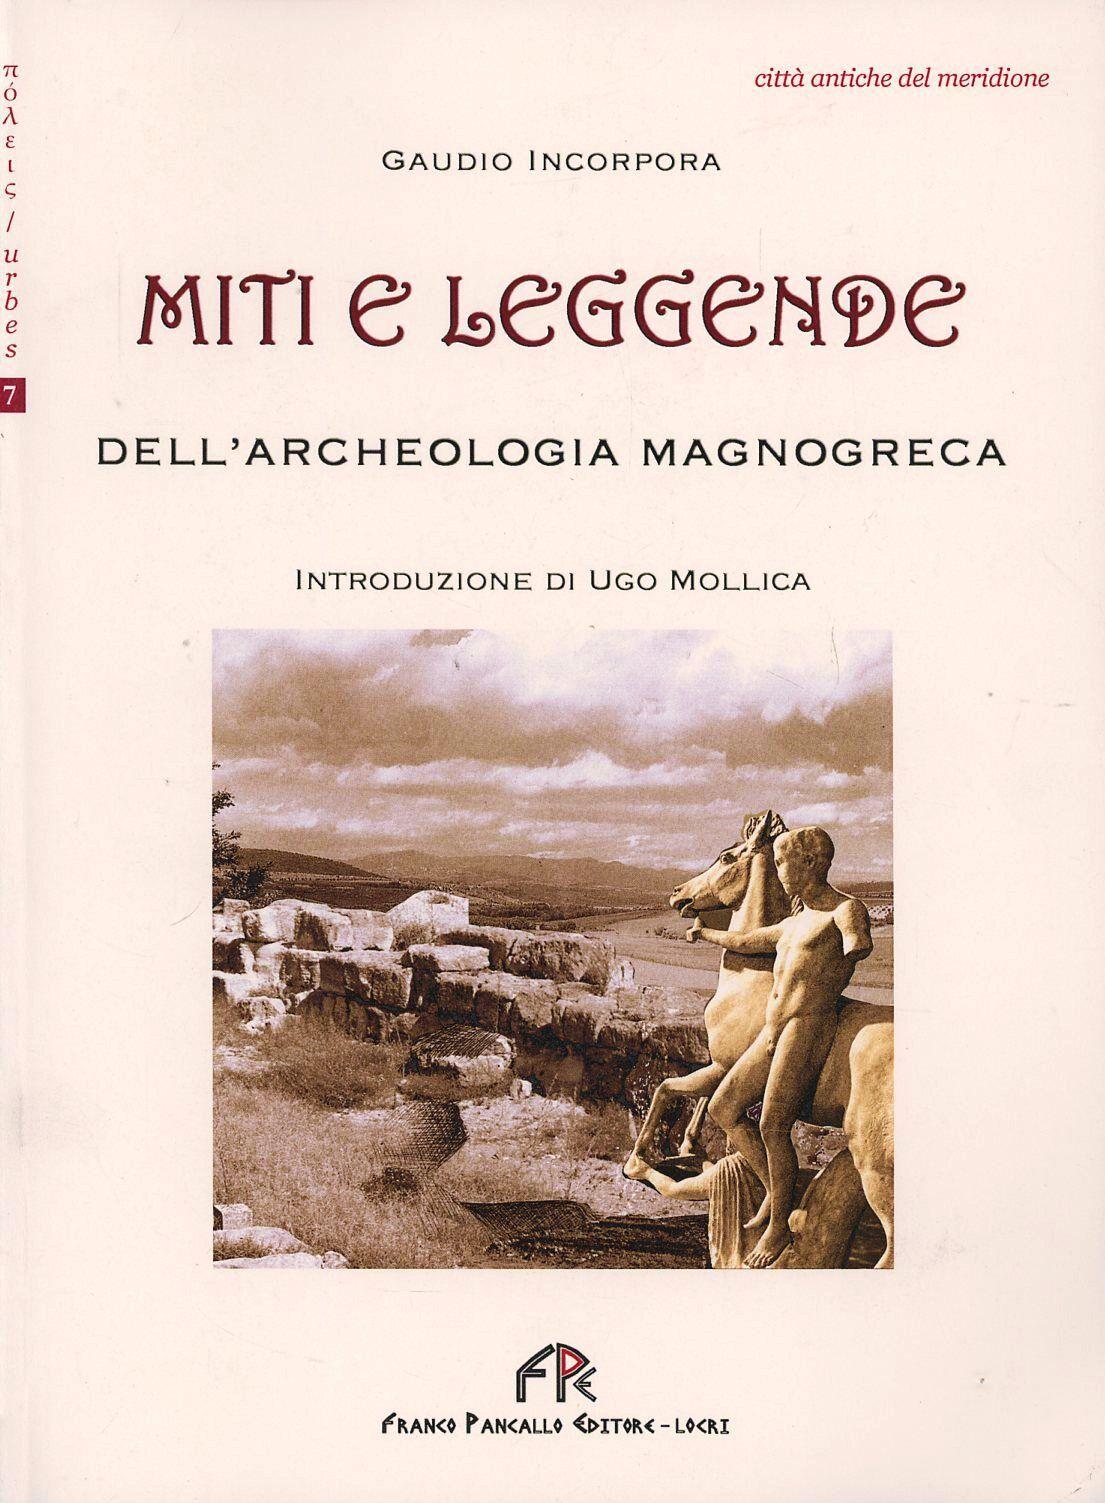 Miti e leggende dell'archeologia magnogreca